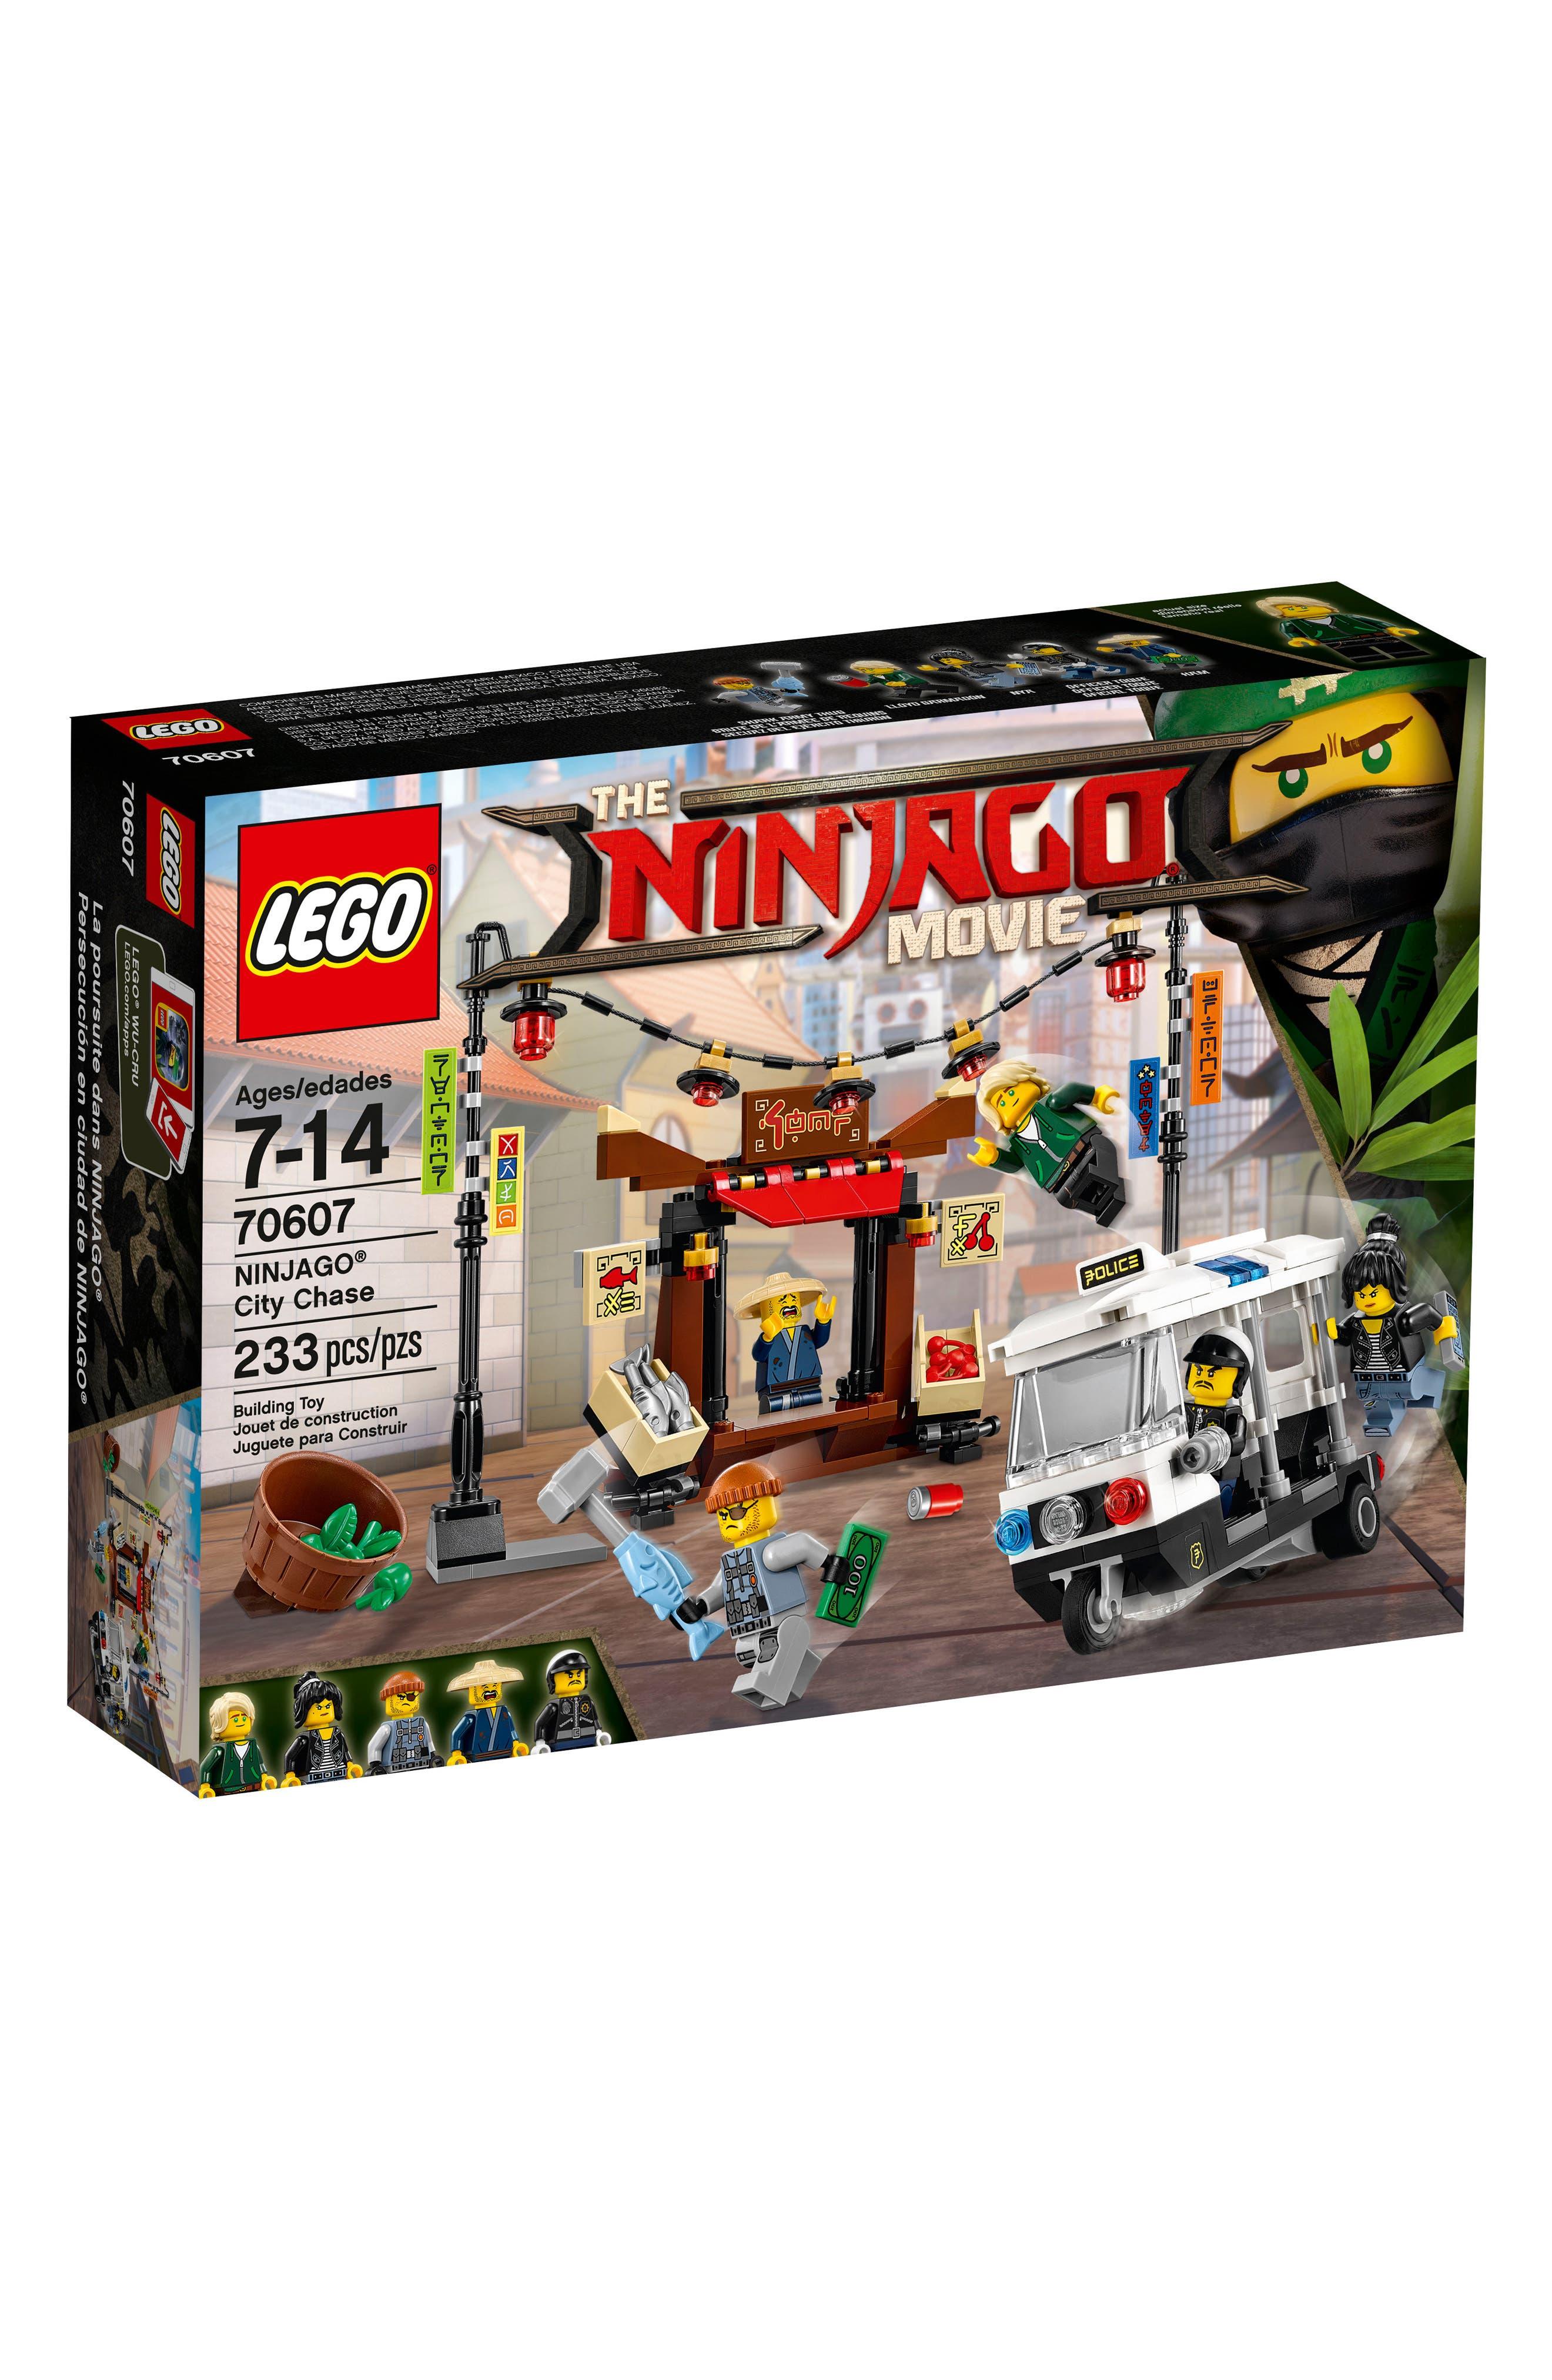 NINJAGO<sup>®</sup> City Chase Play Set - 70607,                             Main thumbnail 1, color,                             Multi